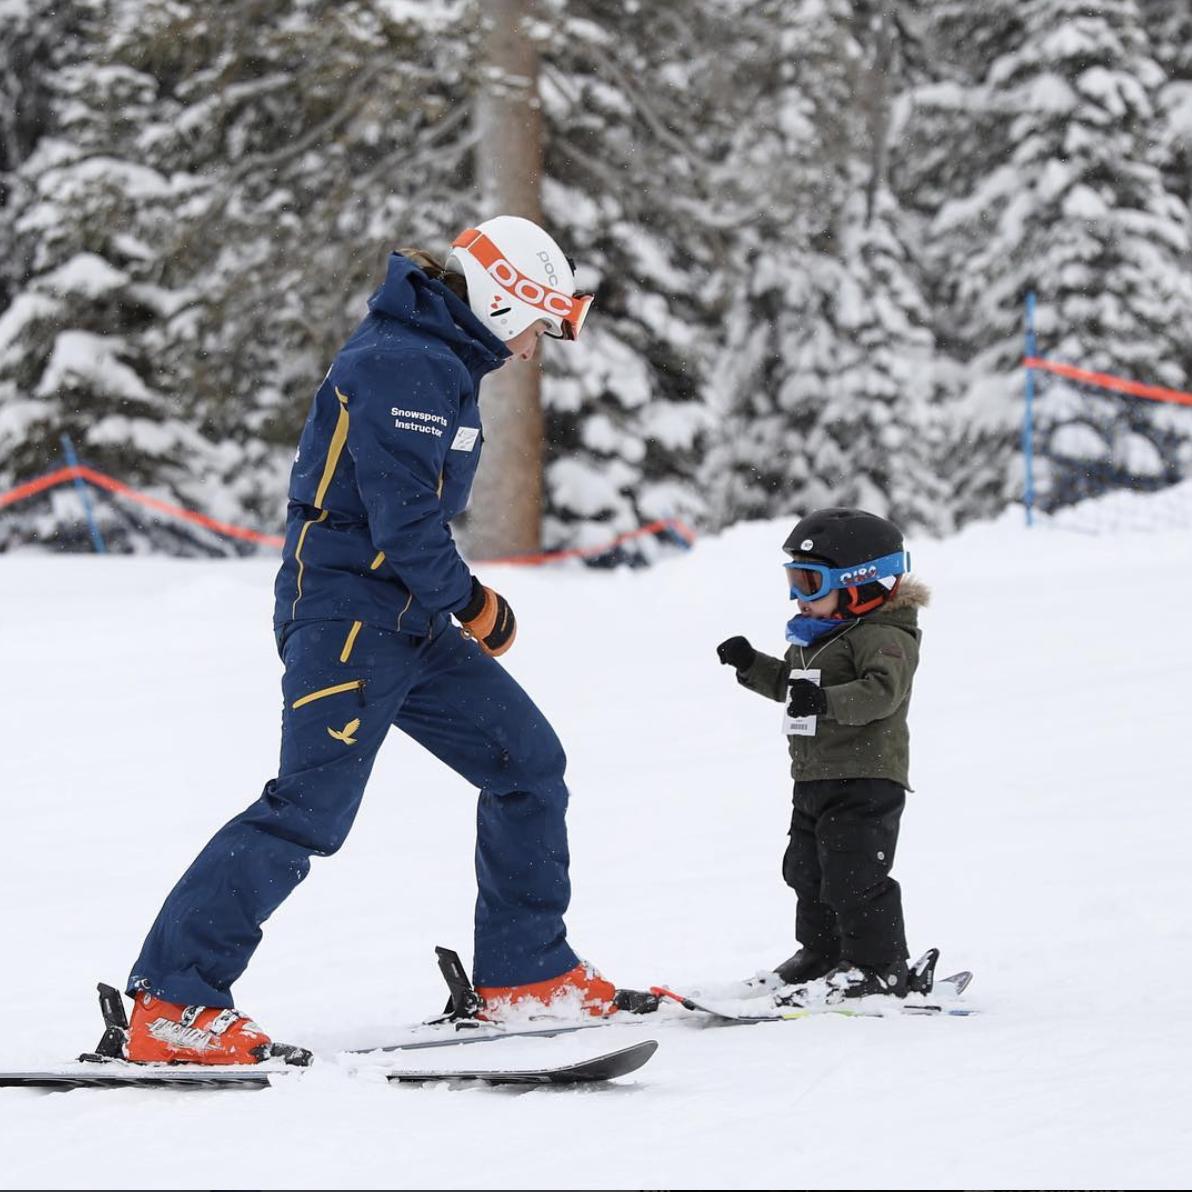 3rd day of christmas - ski getaway atsolitude mountain resort